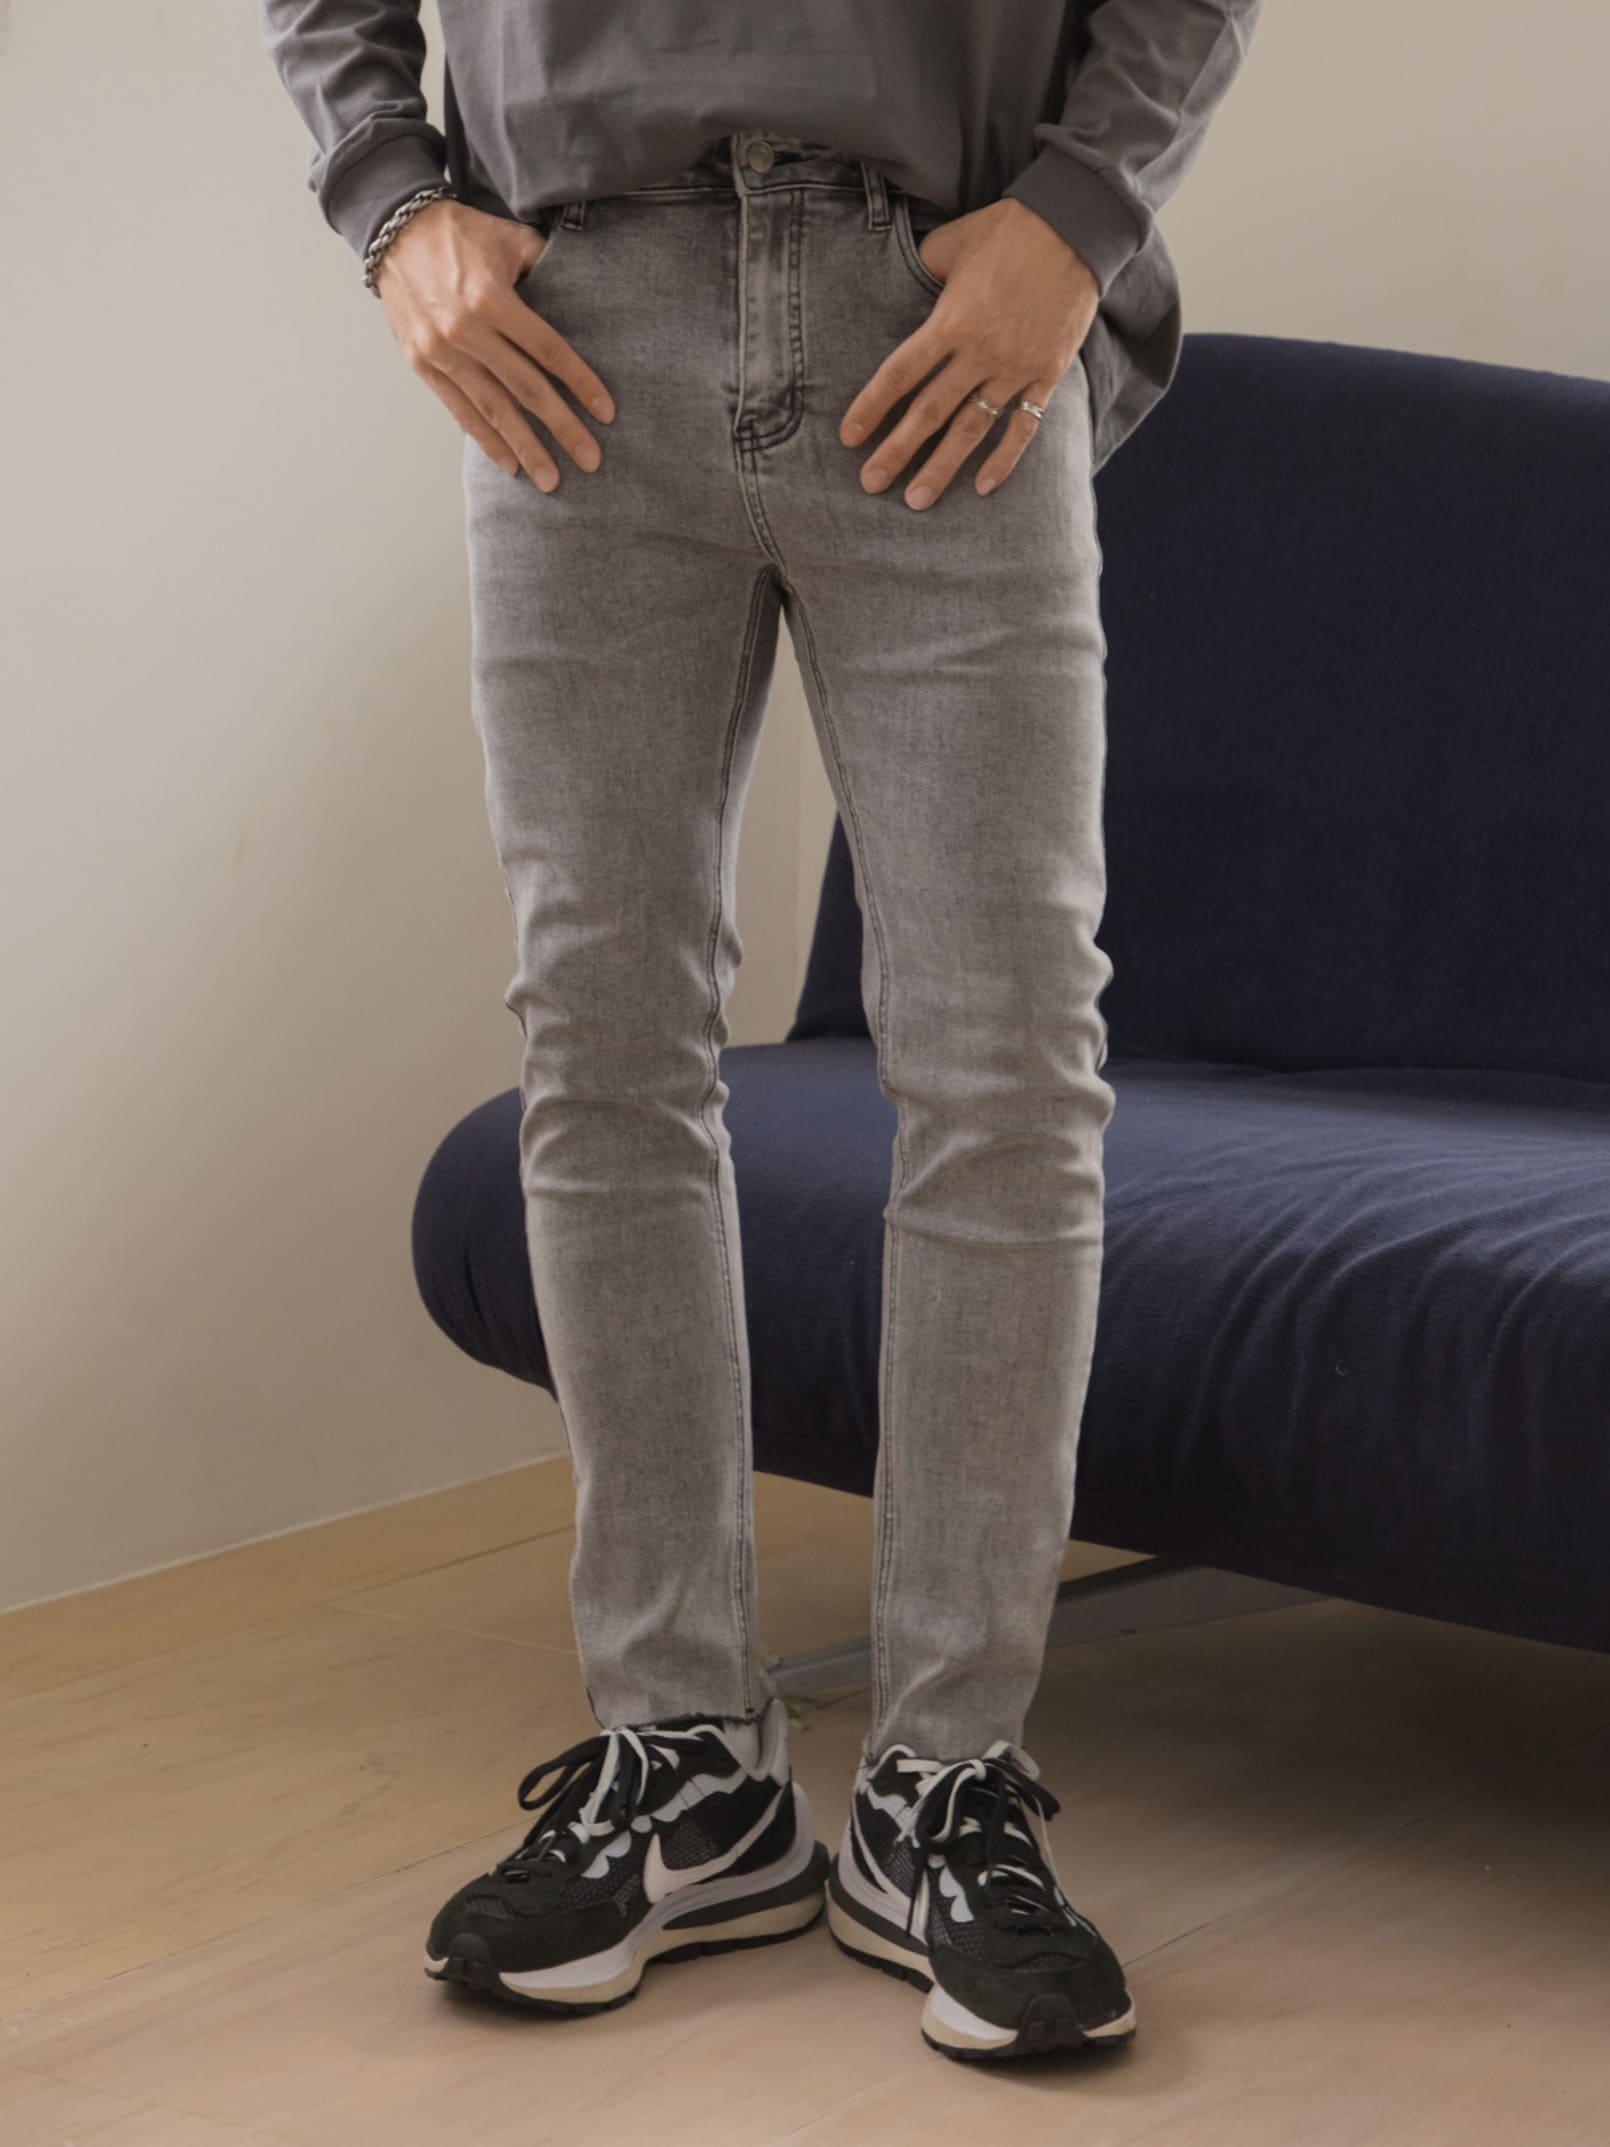 水洗刷灰色貼身彈性牛仔褲